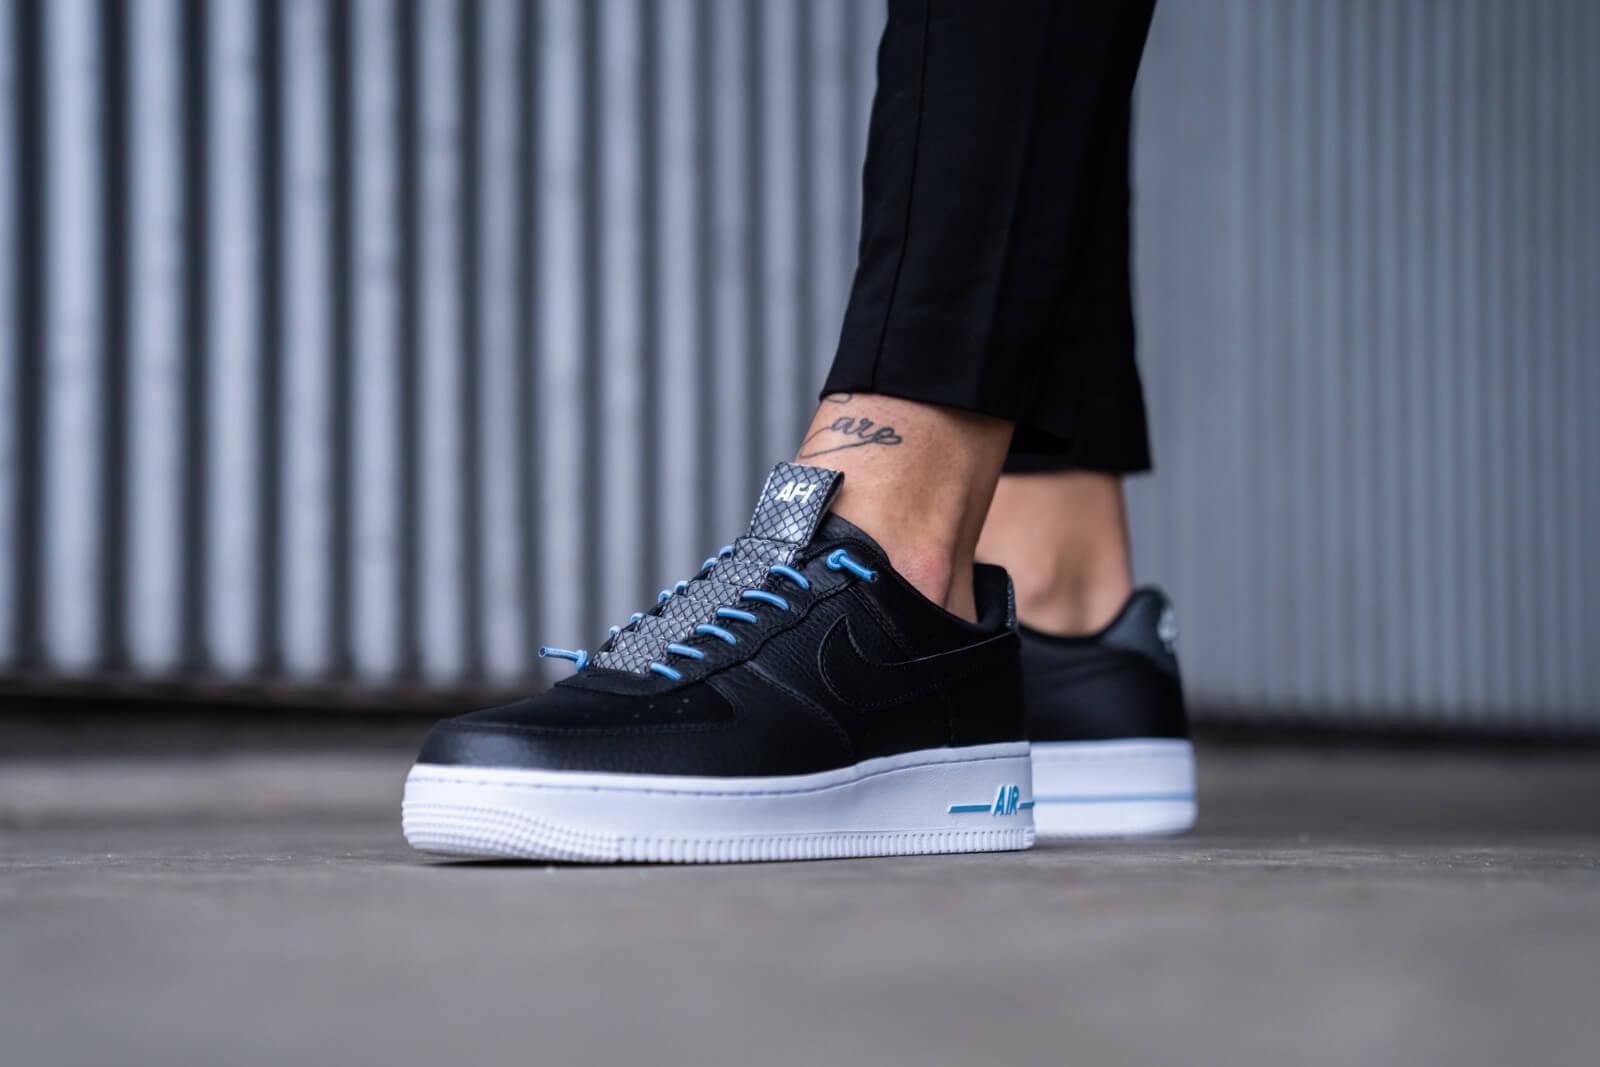 Nike Women's Air Force 1 '07 LX Black